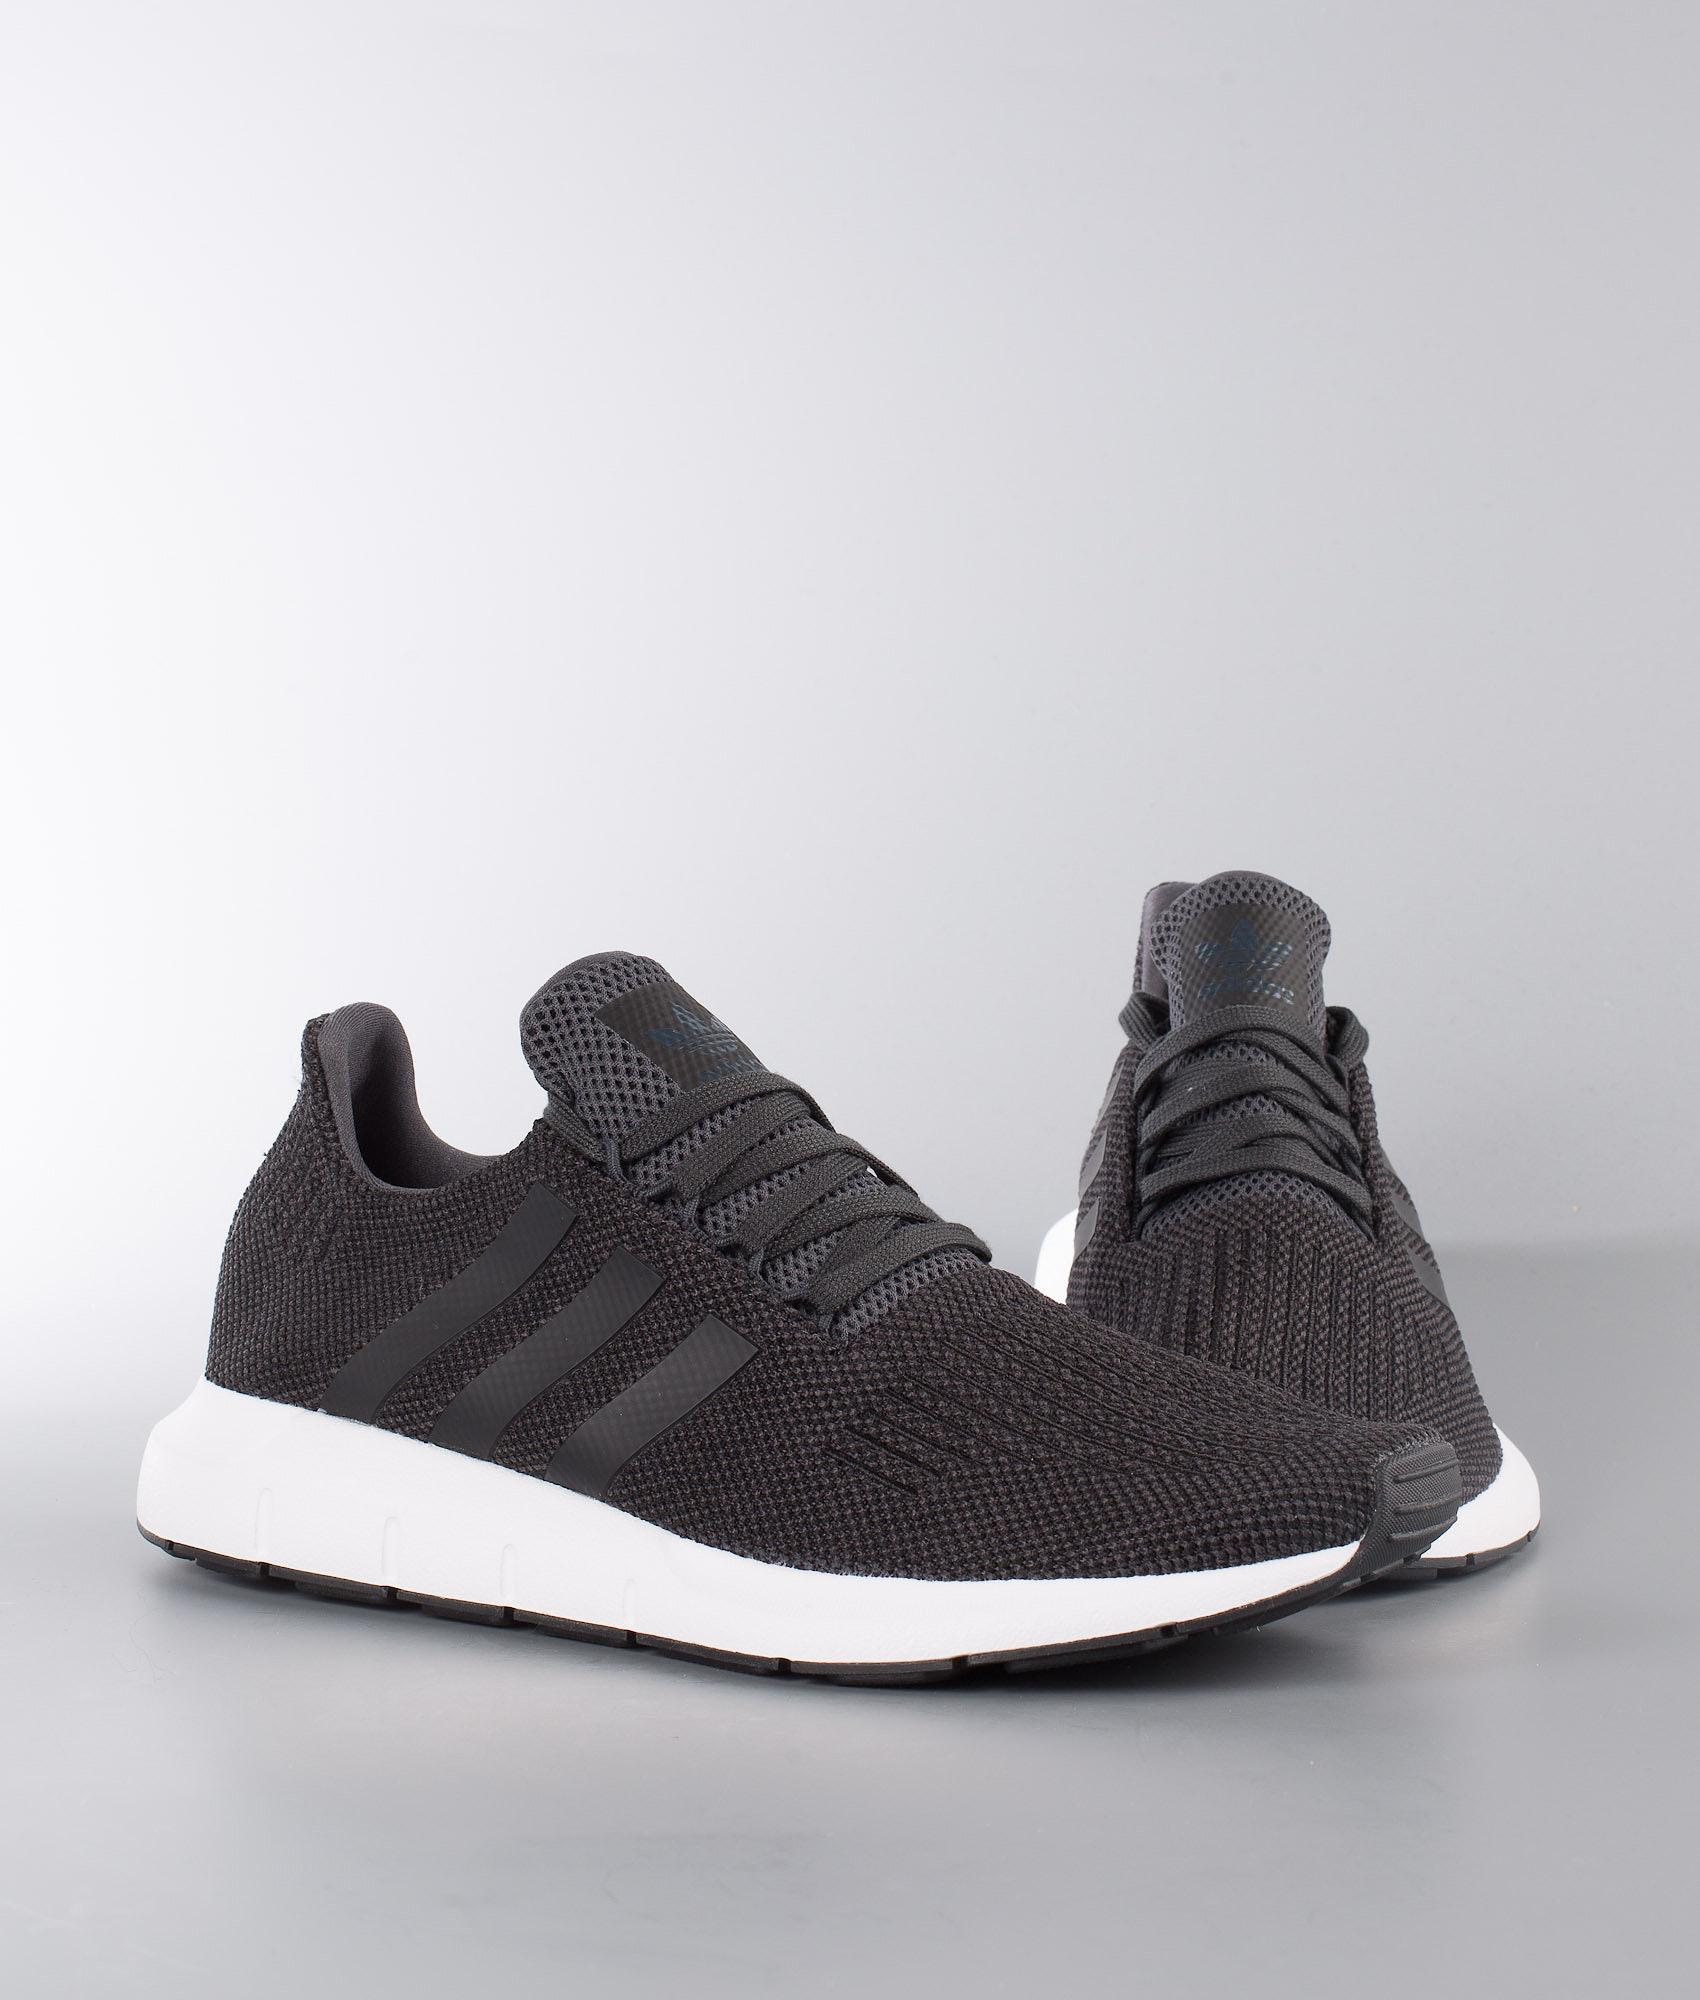 f397967f239f8 Adidas Originals Swift Run Shoes Carbon Core Black Medium Grey ...